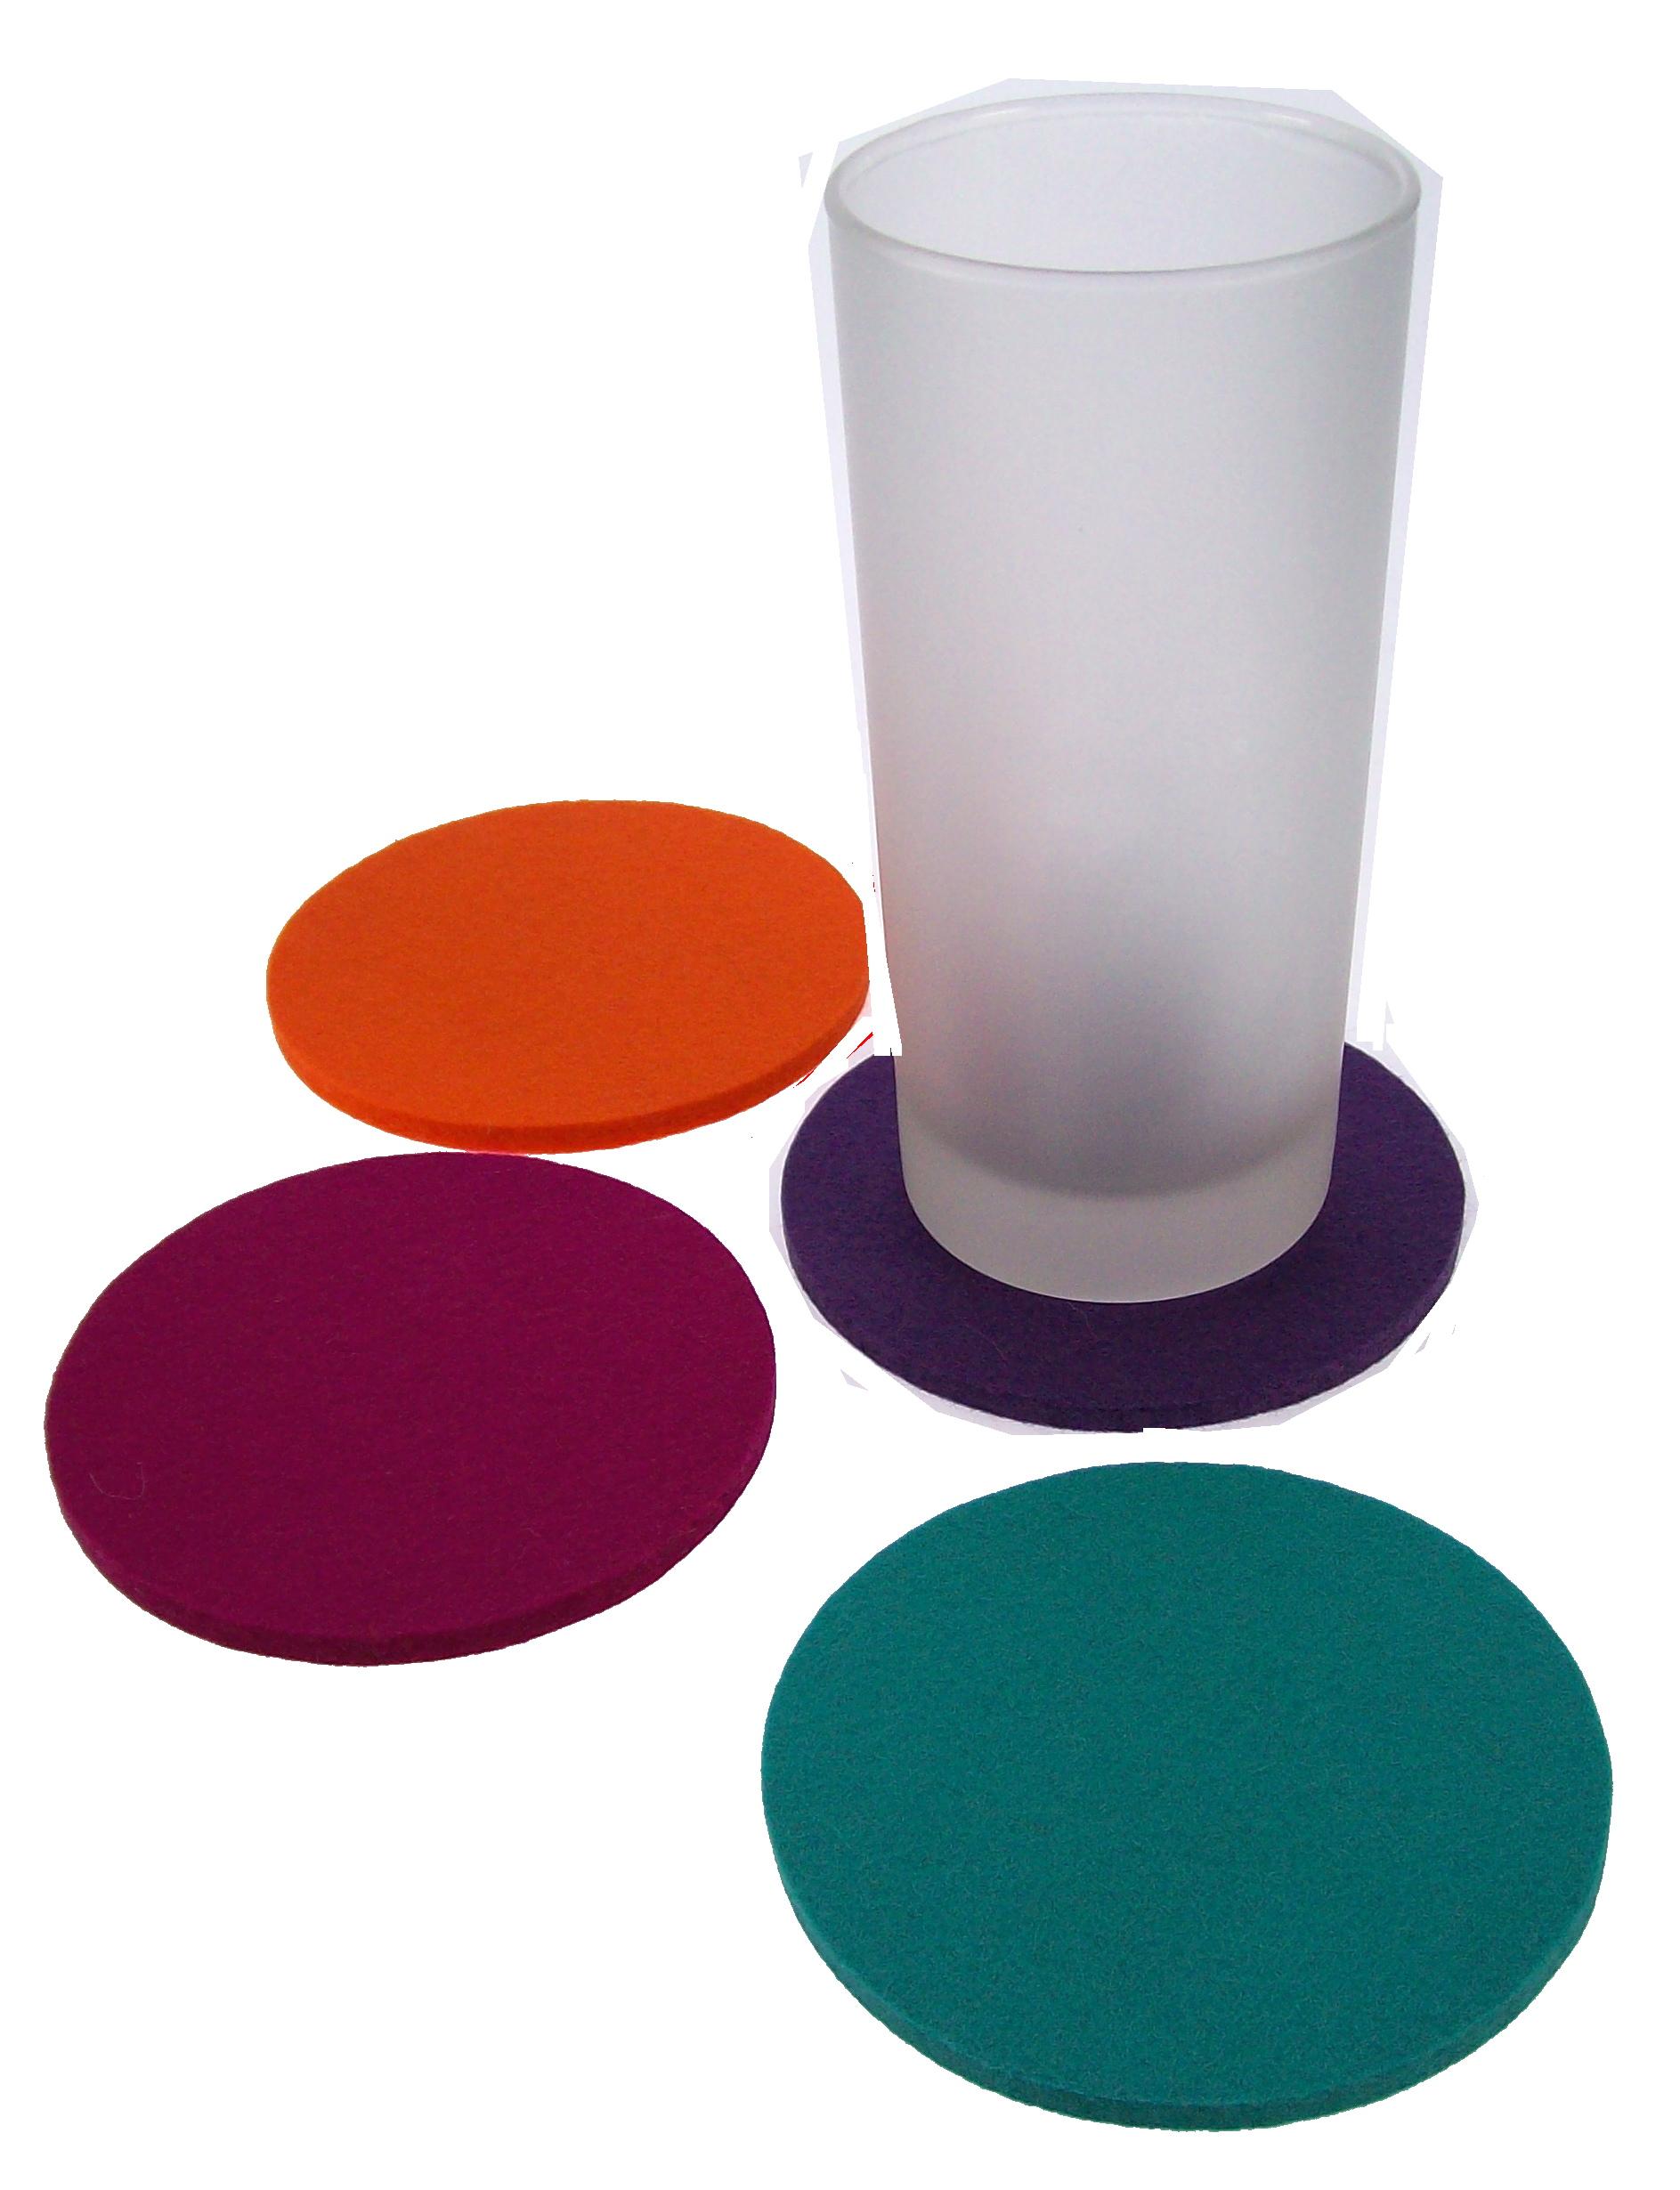 filz, untersatz,  glasuntersatz, filz, bedruckt, mit logo, individuell, gestaltet